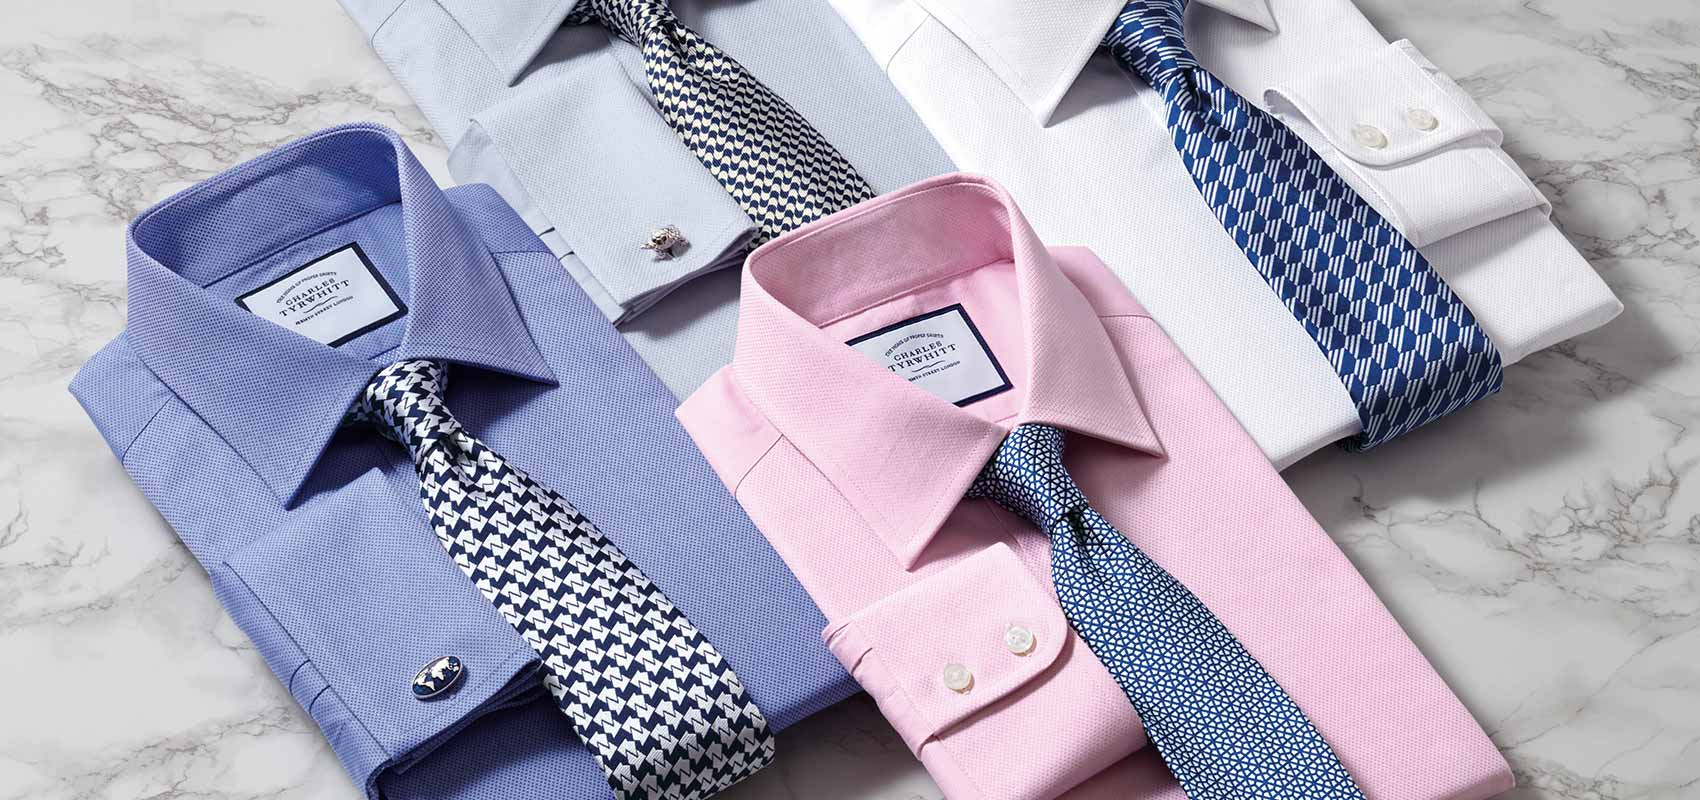 Charles Tyrwhitt Chemises de luxe